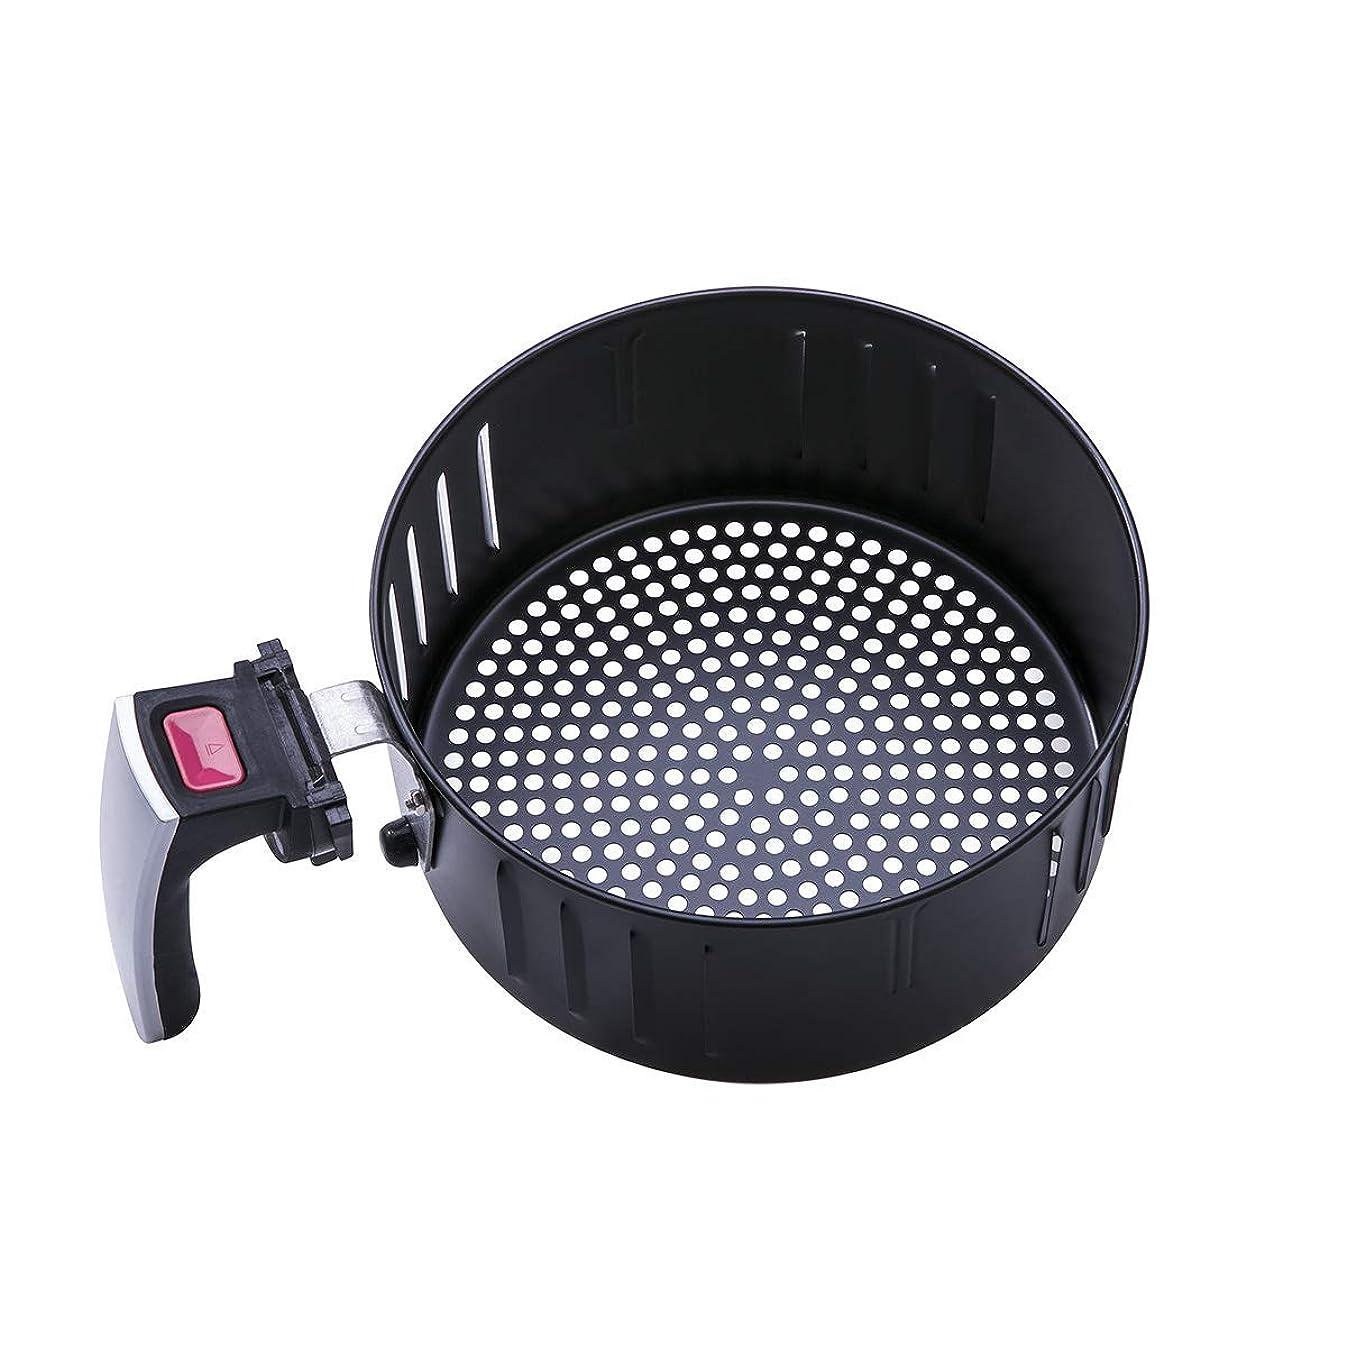 Air Fryer Replacement Basket For Blusmart 3.4QT/3.2L Air Fryer